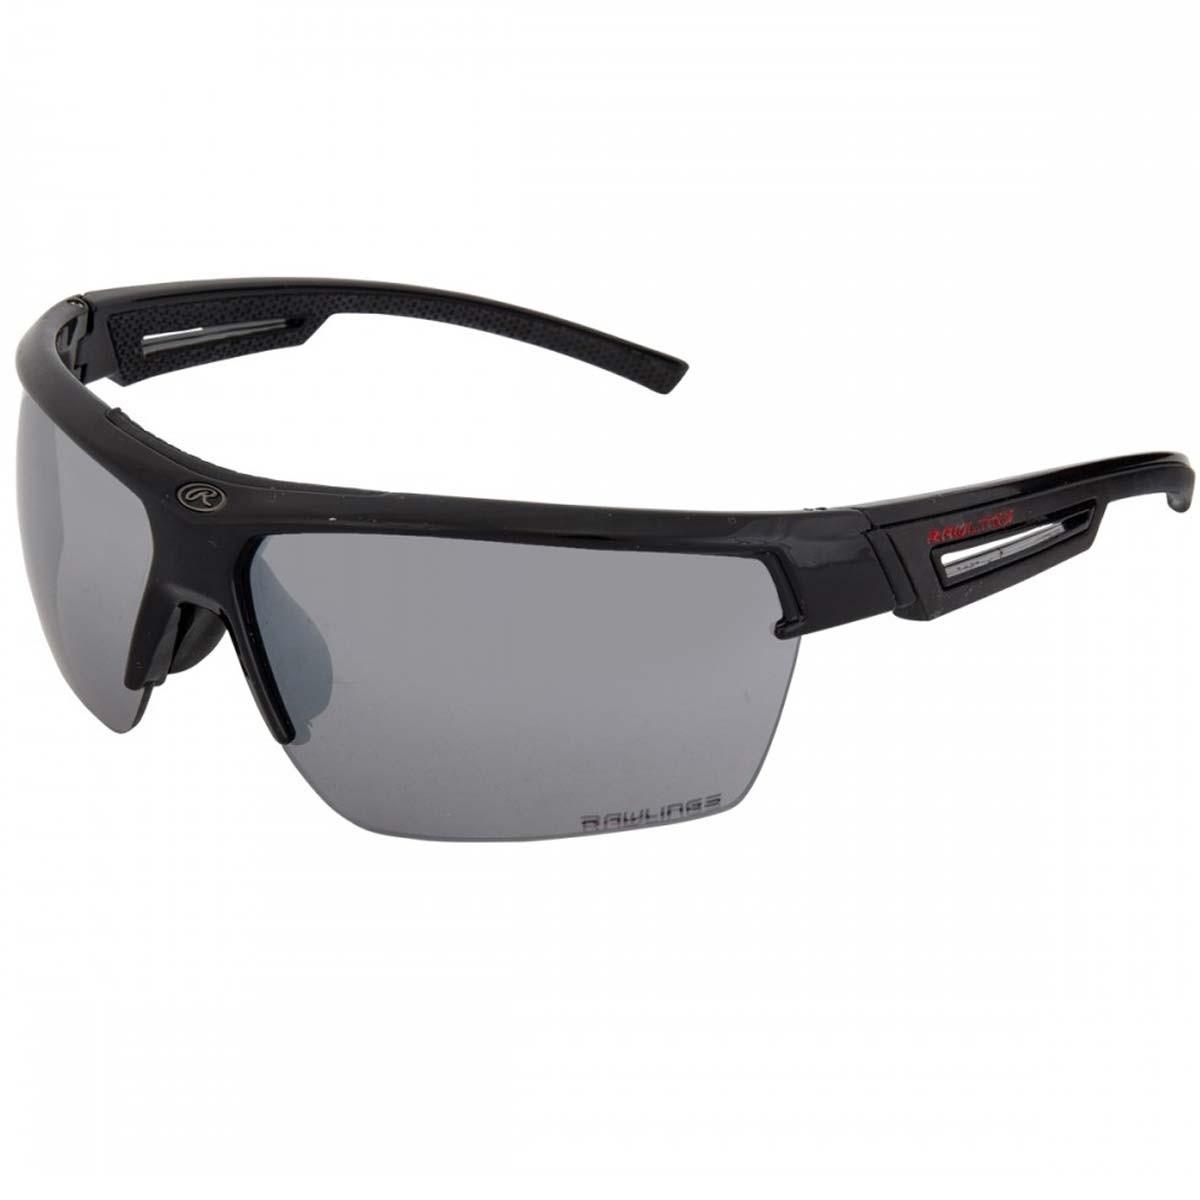 22349f6c24c Rawlings 20 Adult Sunglasses